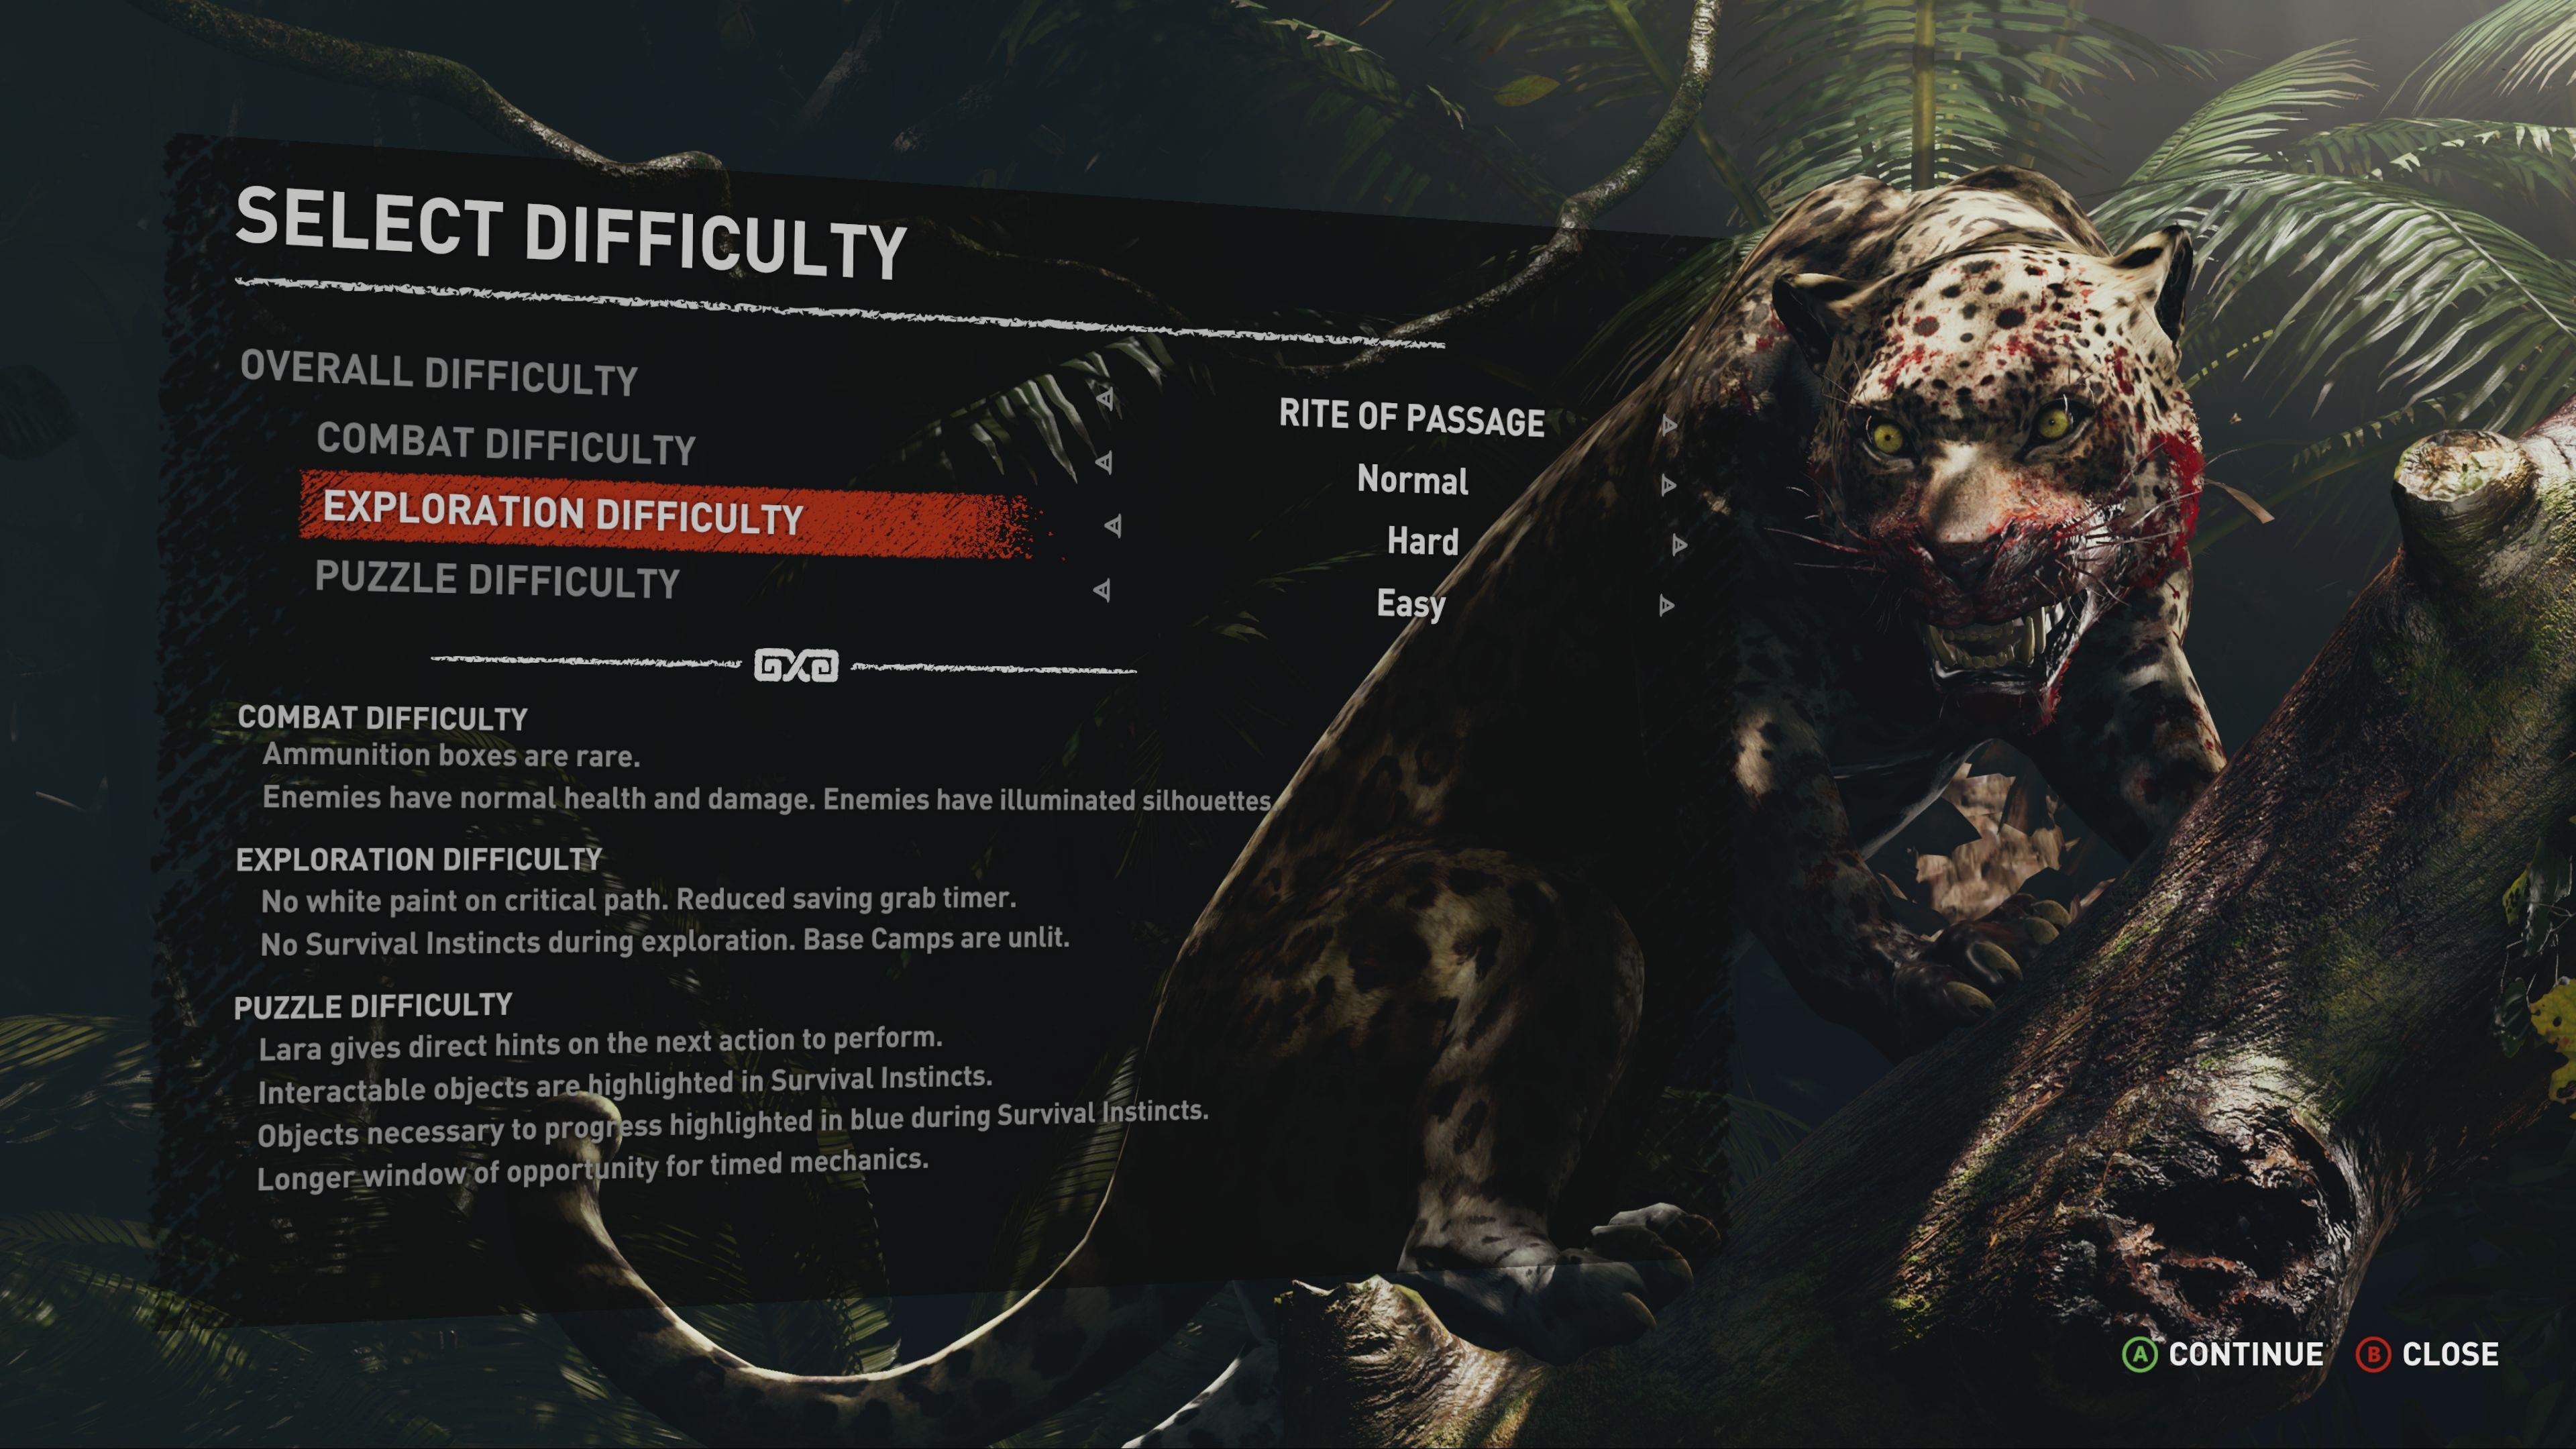 Individuální nastavení obtížnosti pro hádanky nebo boj v Shadow of the Tomb Raider shadow of the tomb raider difficulty